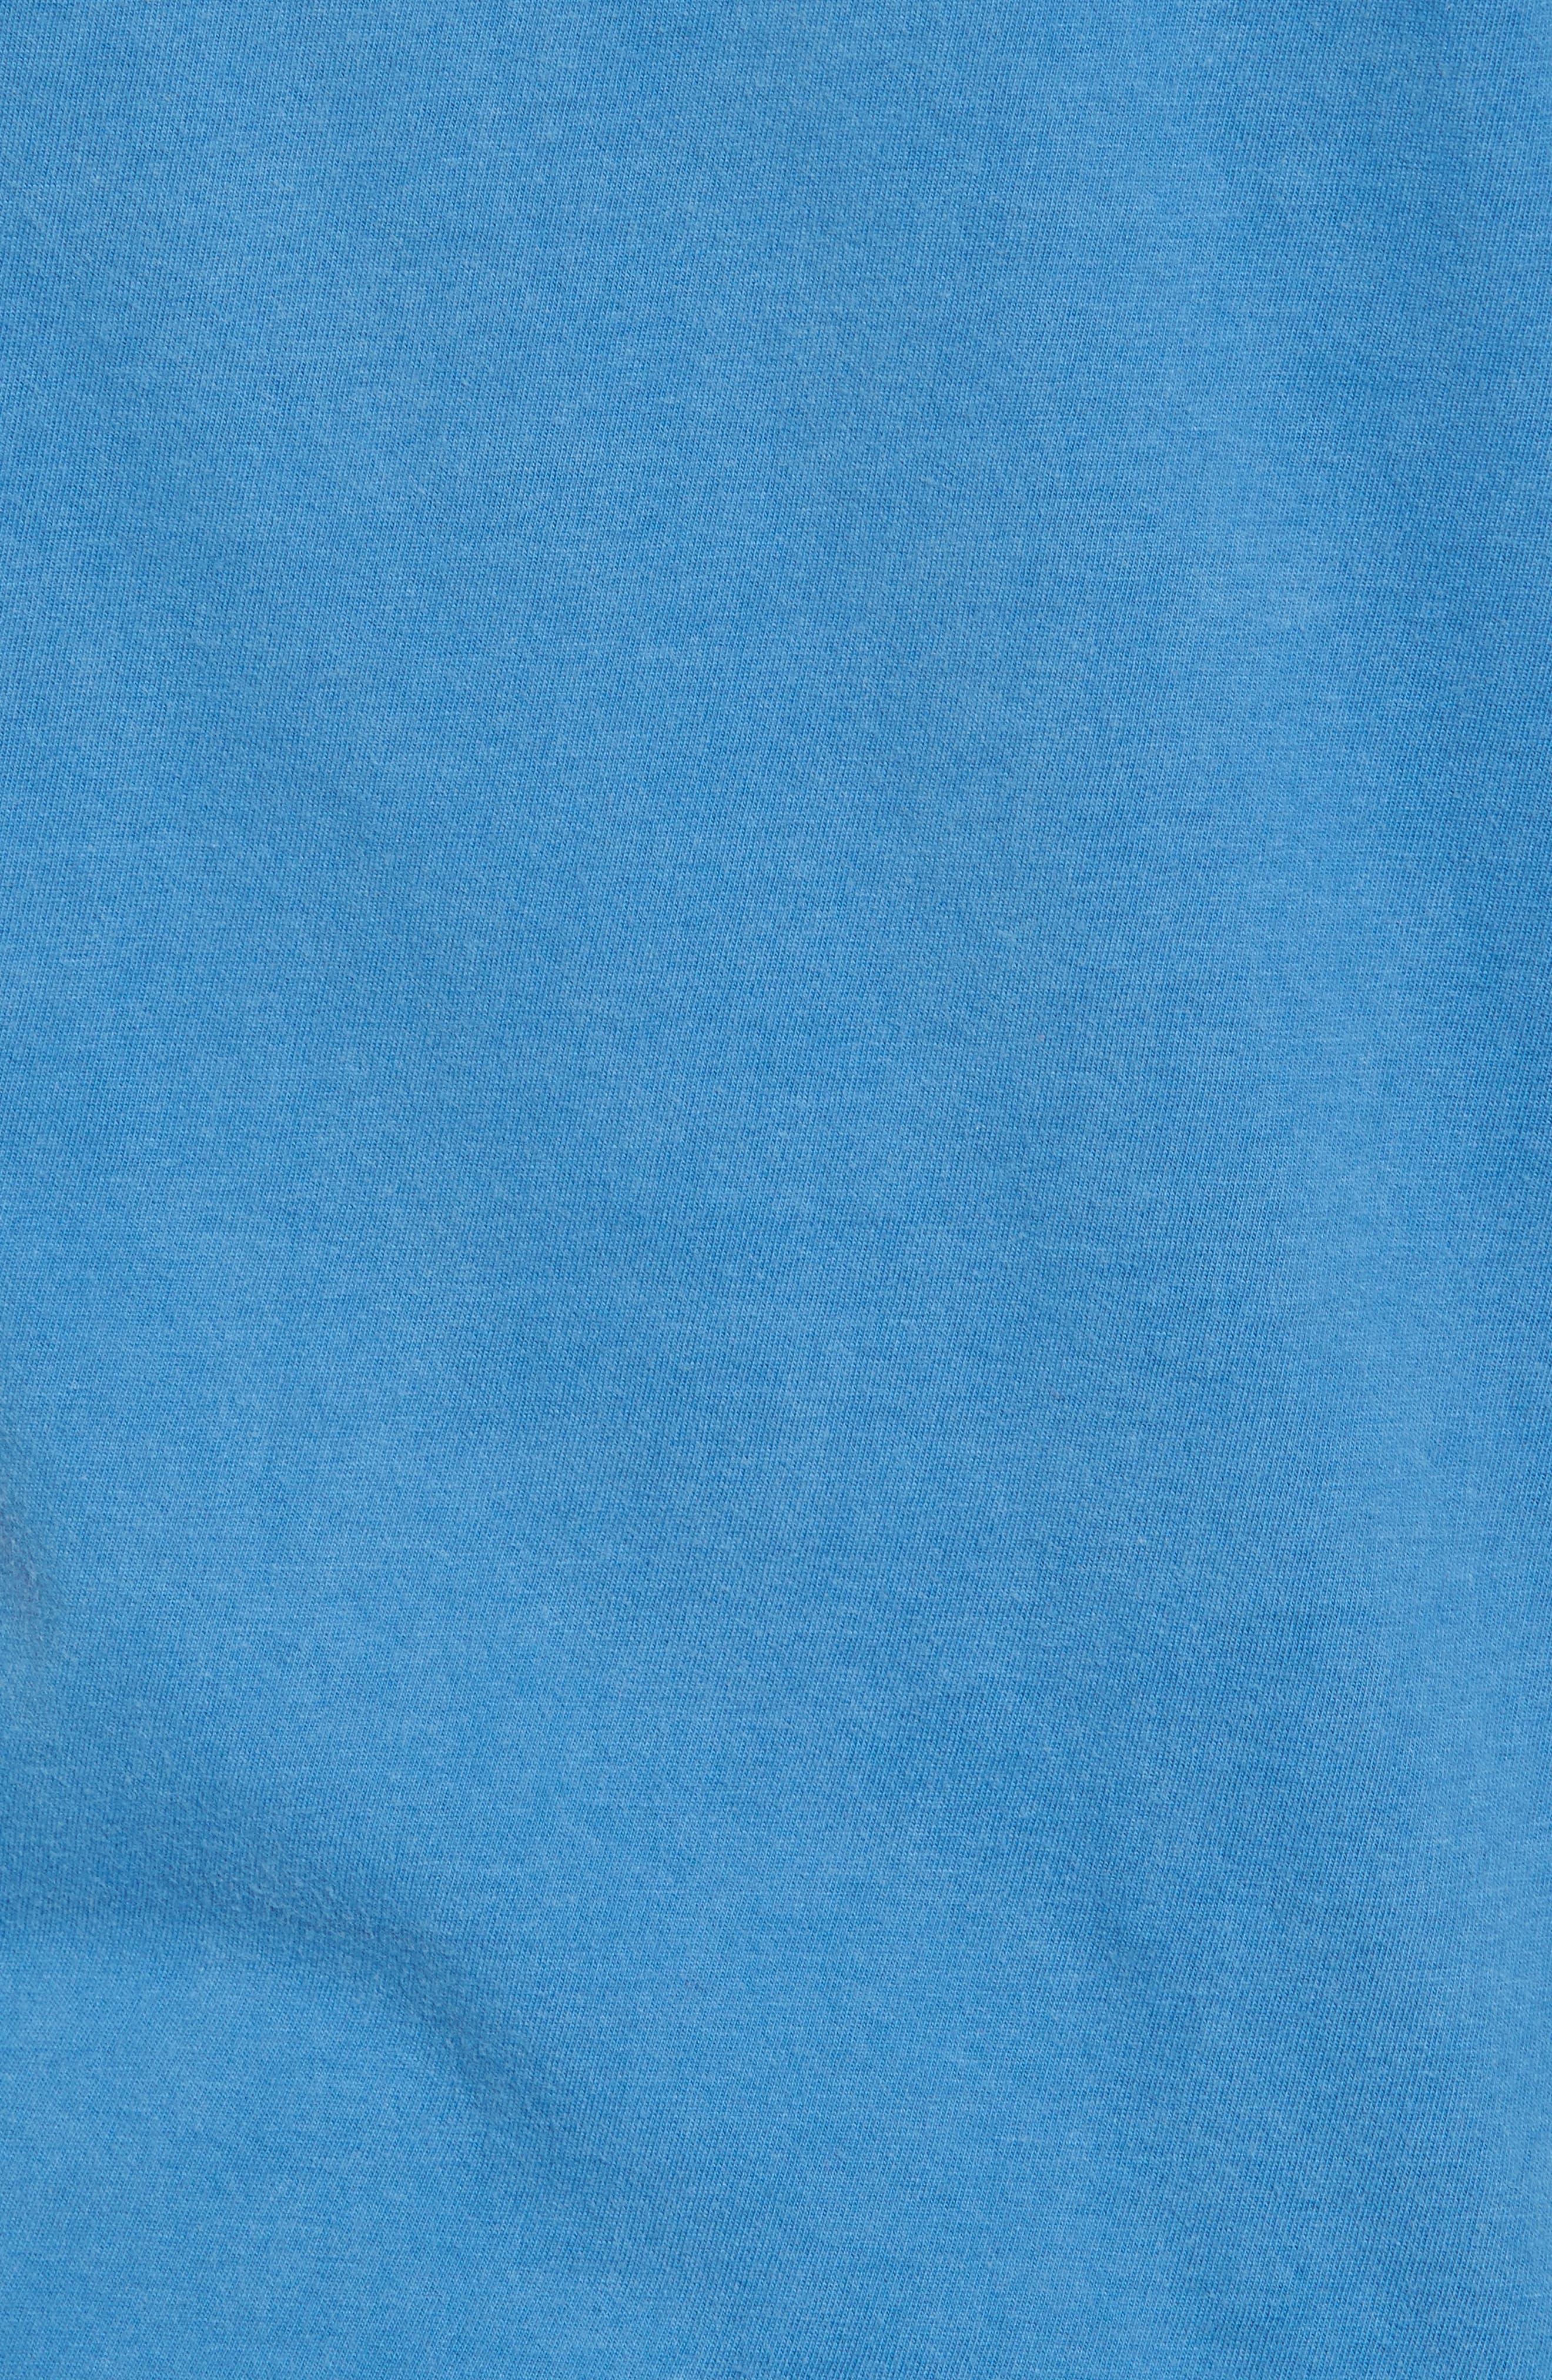 Gresham New York Rangers T-Shirt,                             Alternate thumbnail 5, color,